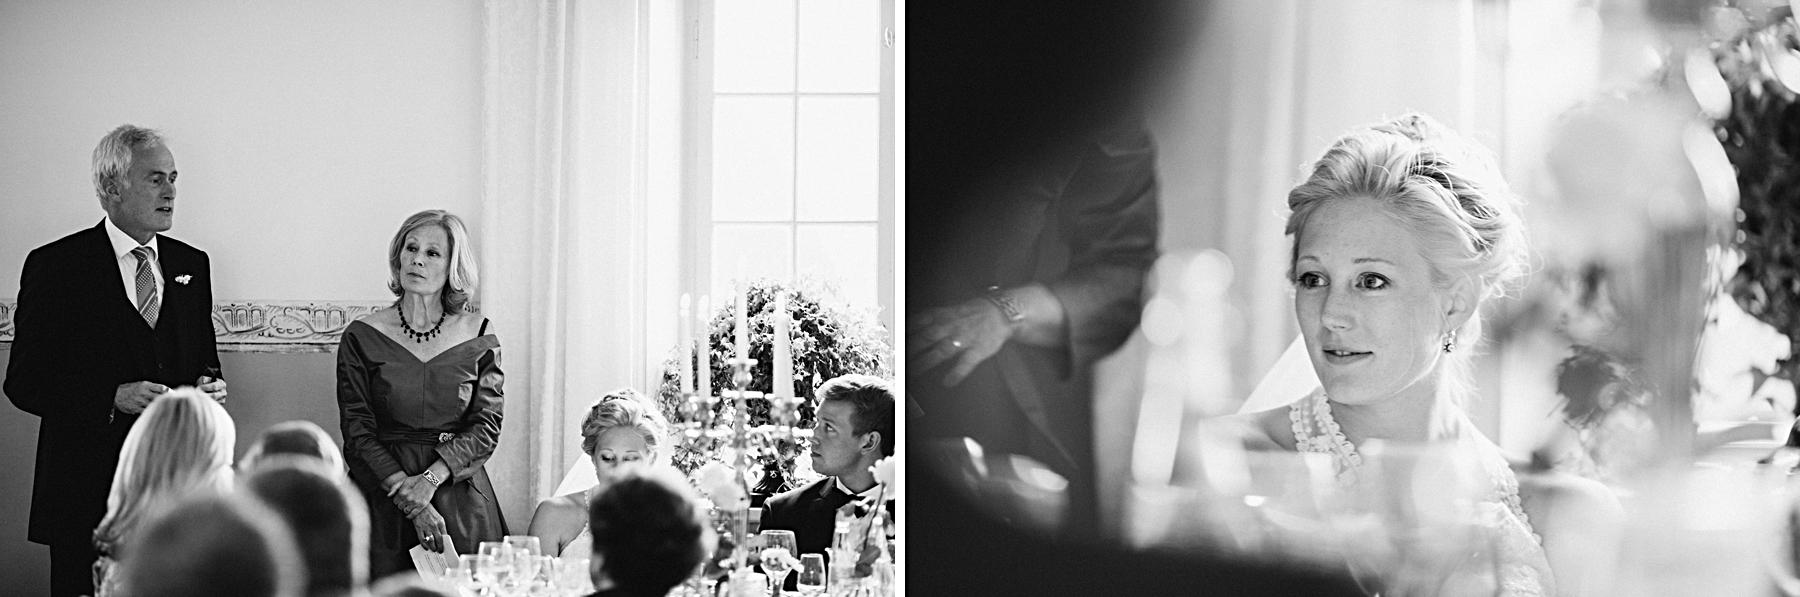 Brudens far håller tal